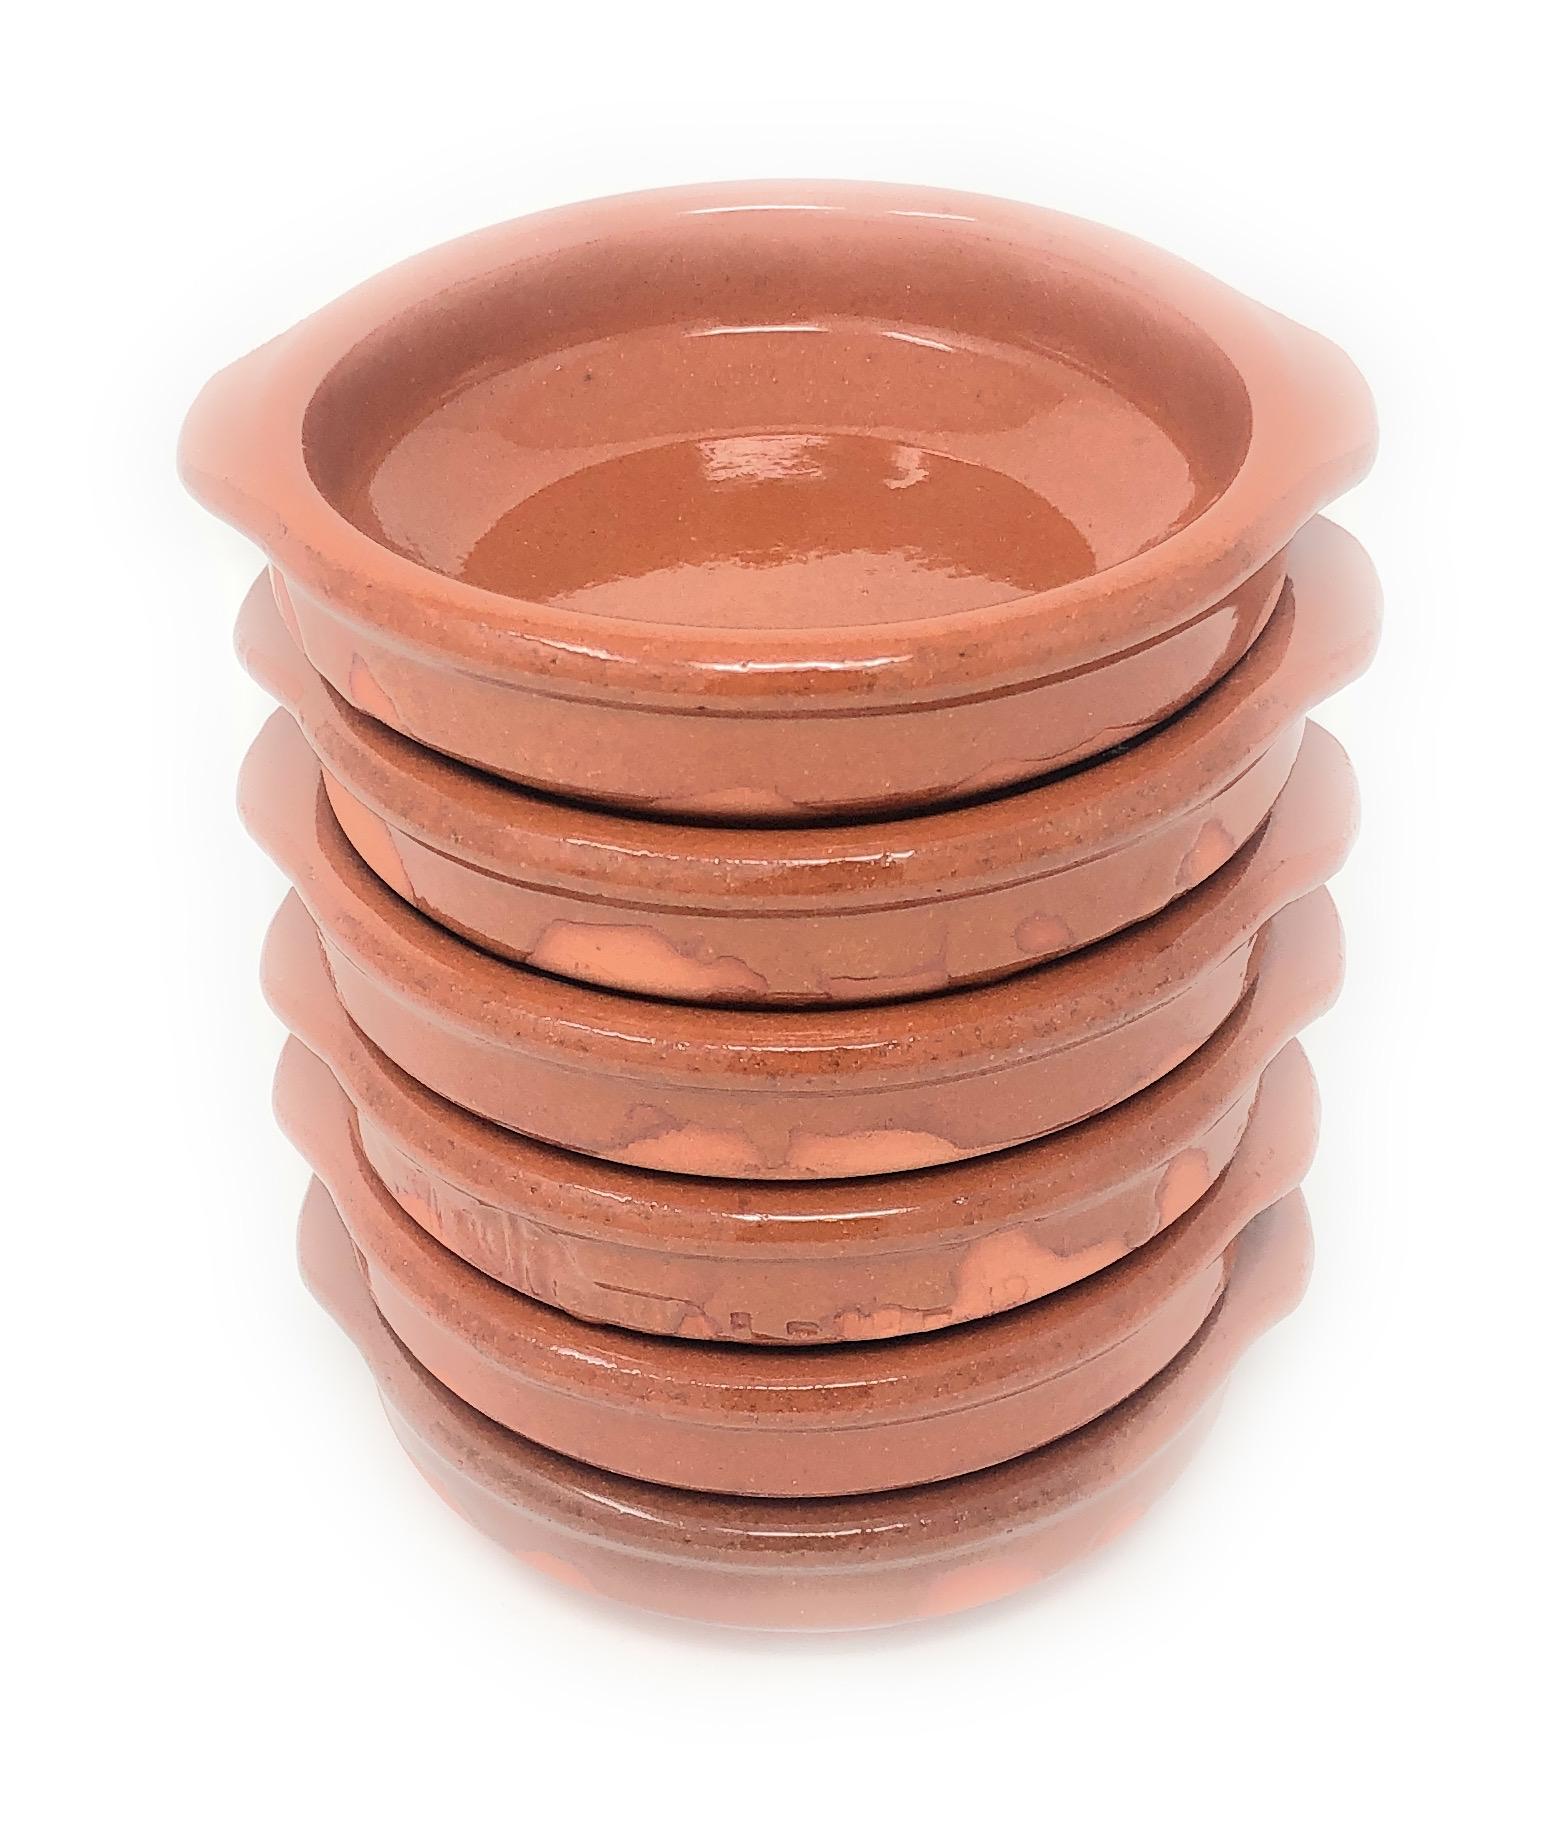 Alfareria Padilla 6er-Set Cazuela Tonschale klein, traditionel, flach, rund, braun 12 cm | 6x12cm